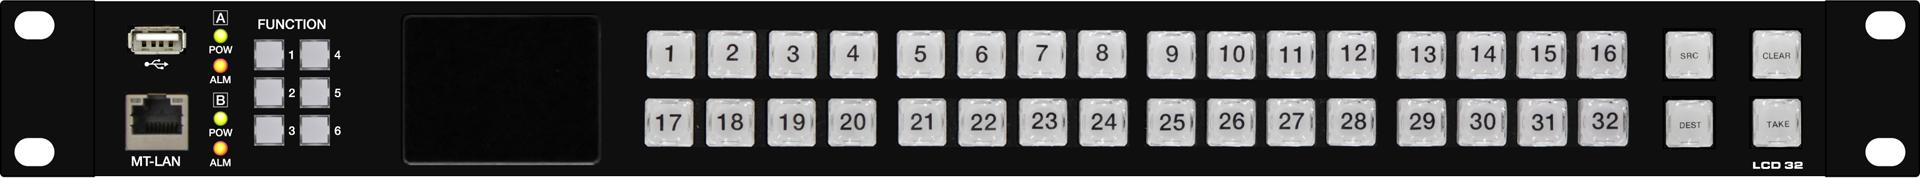 LCD 32